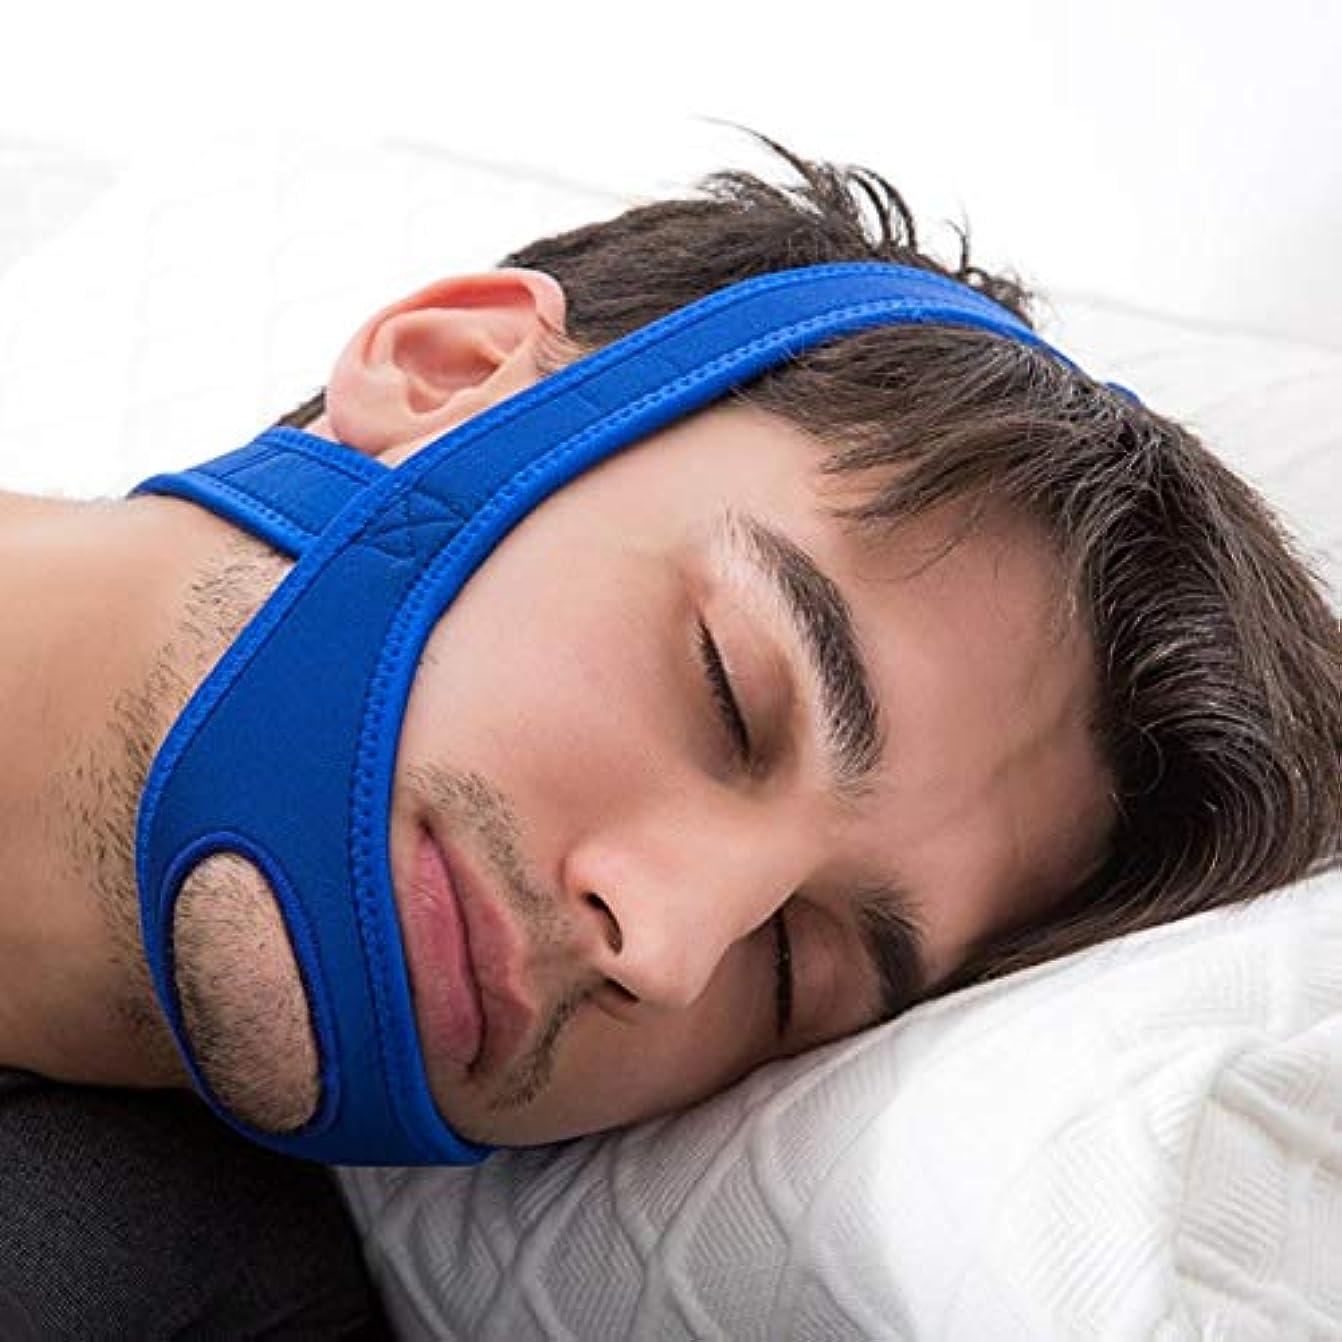 一般的なパトワ取り消すNOTE ネオプレンアンチいびきストップいびきあごストラップベルト抗無呼吸顎ソリューション睡眠サポートベルト睡眠補助ツールフェイスリフトツール